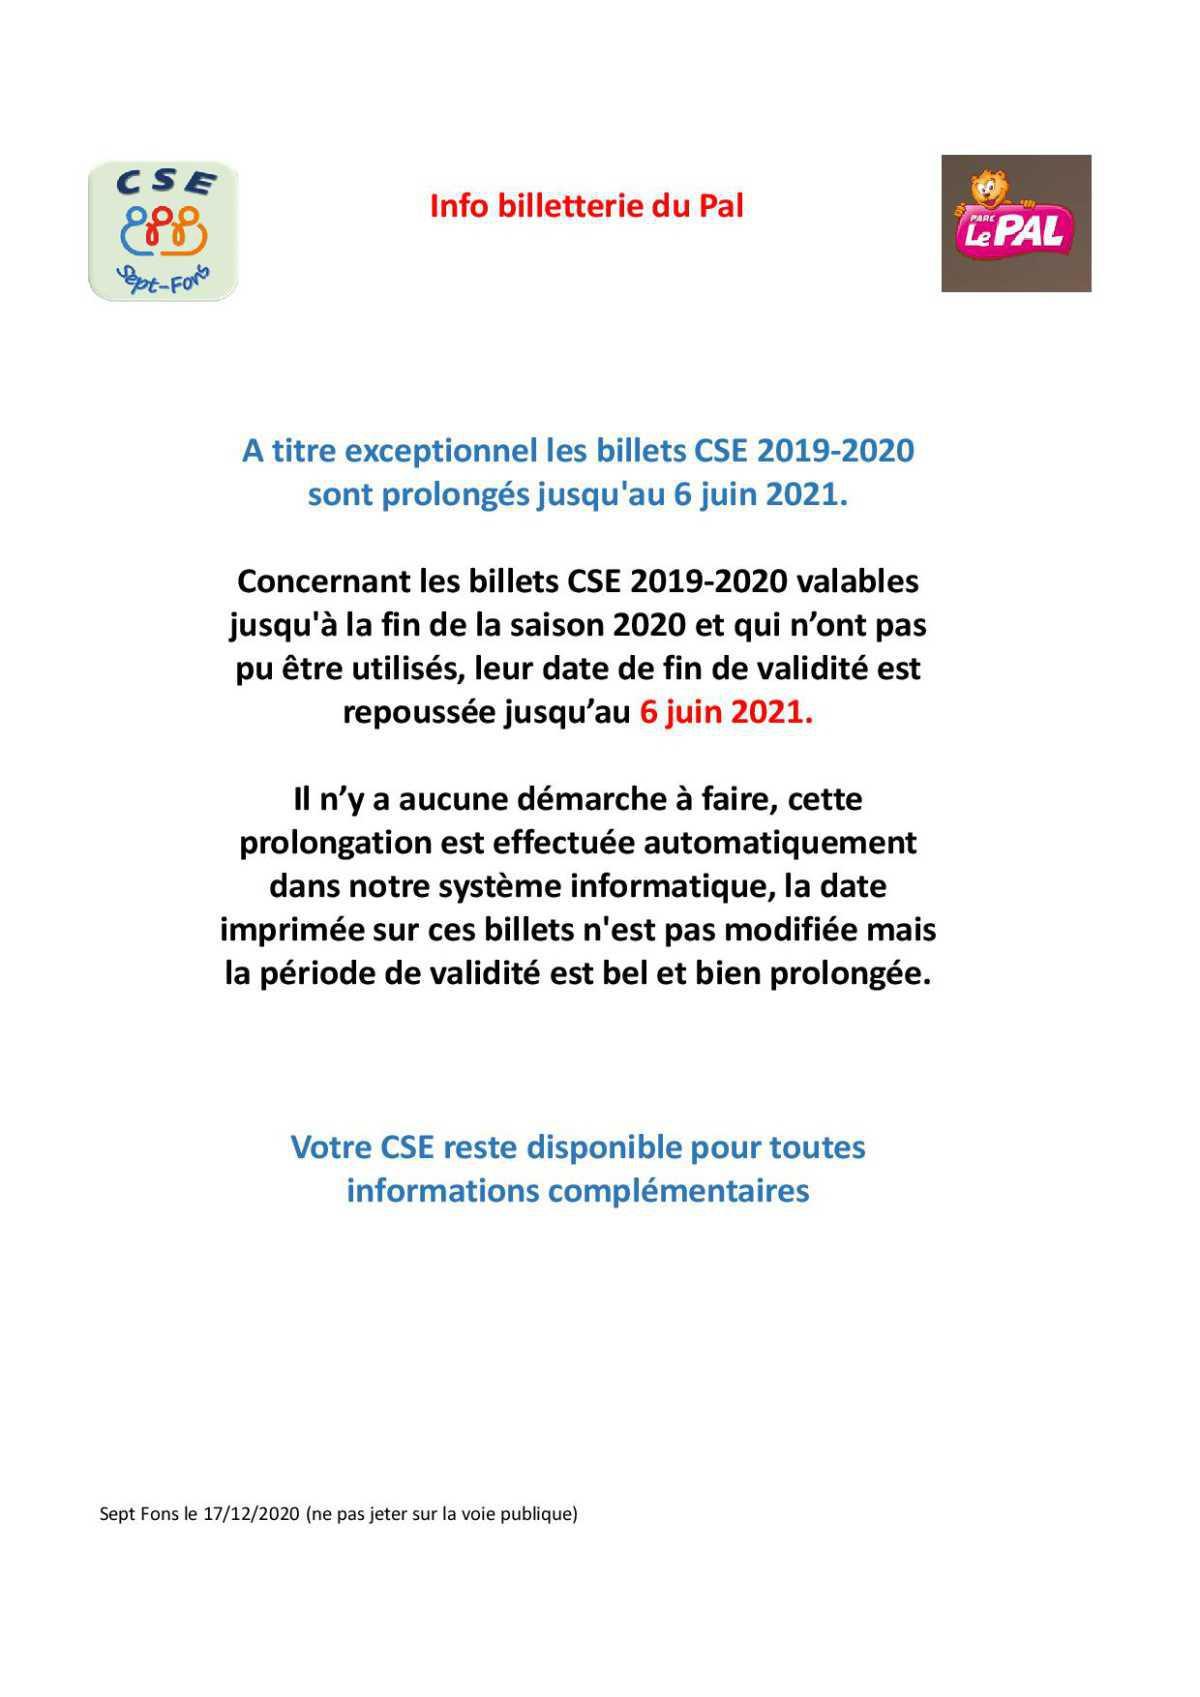 Info billetterie du Pal prologation de la validité des billets 2020.